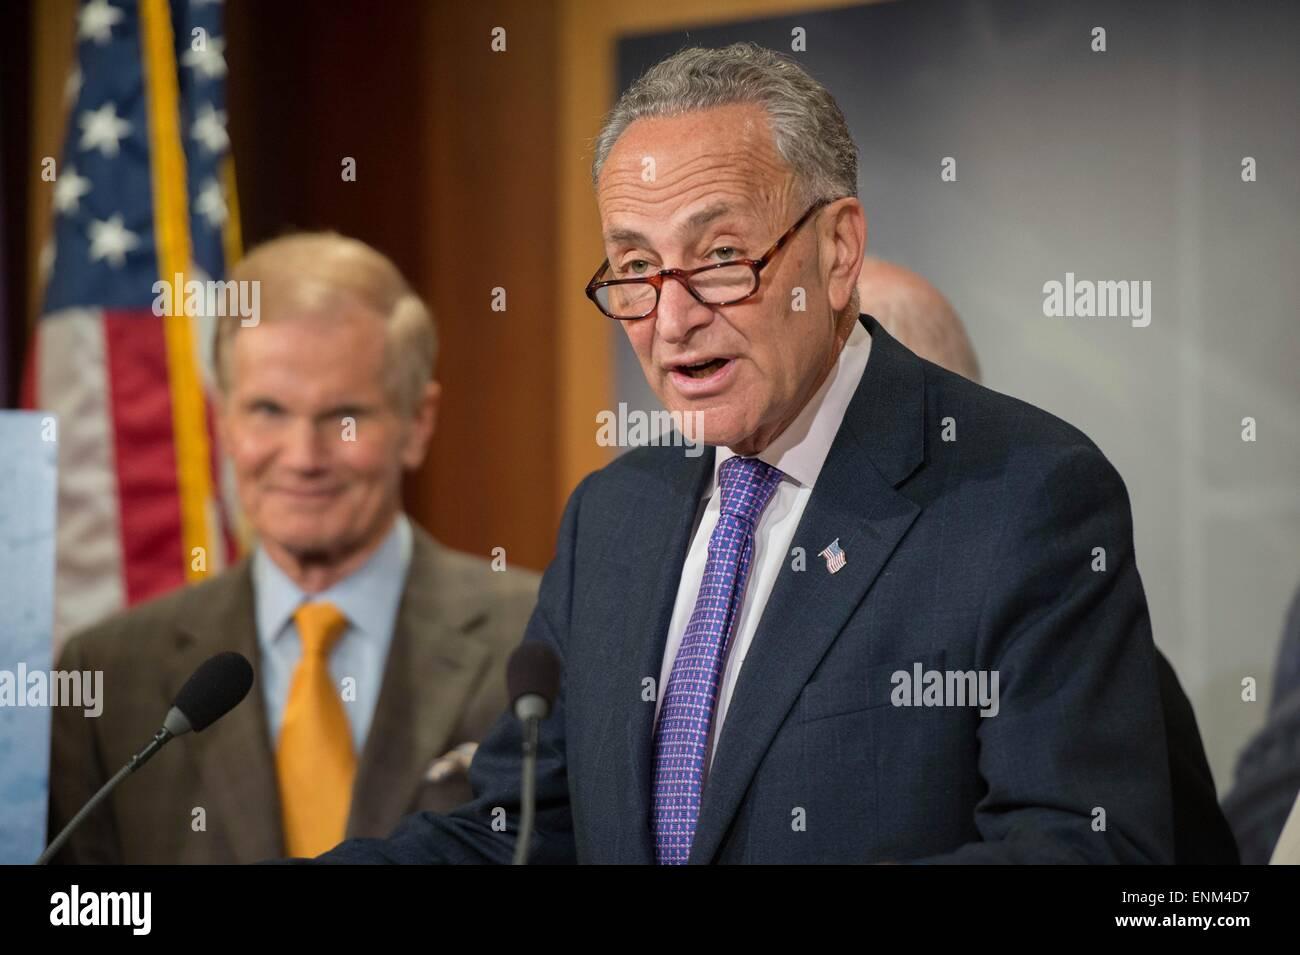 Democratic Senators Call For >> U S Democratic Senator Chuck Schumer Joins Other Senators For A